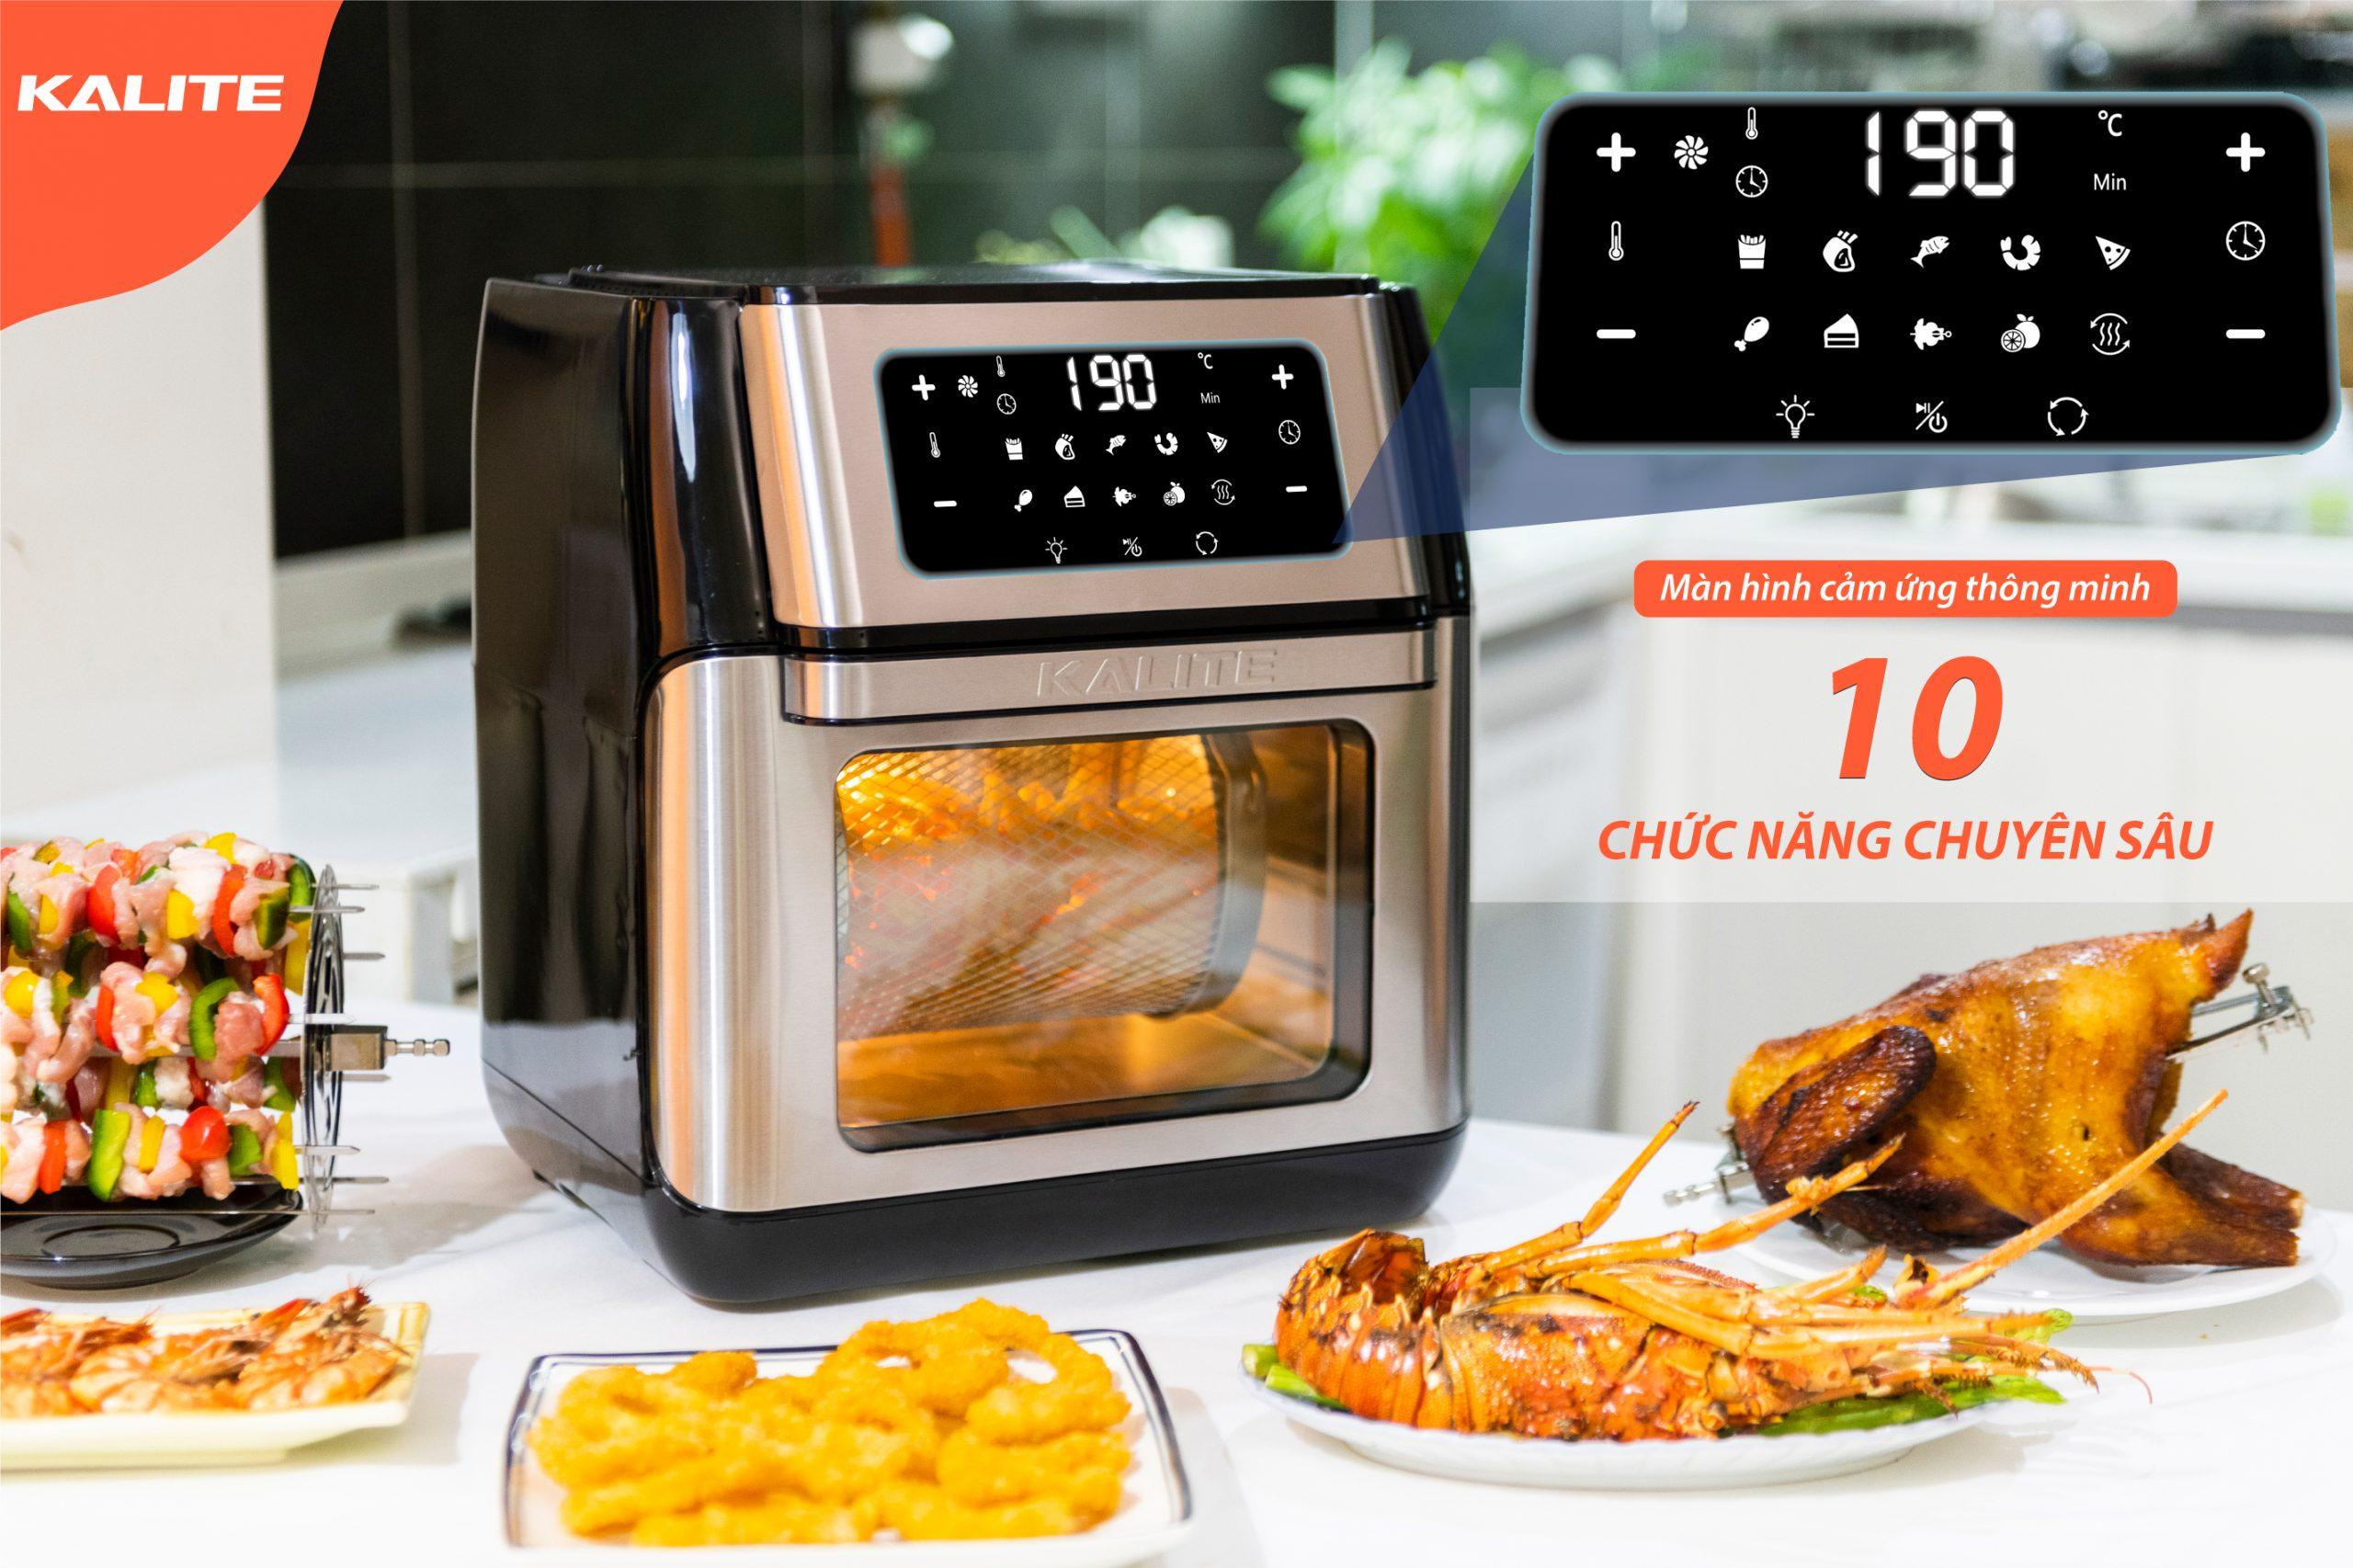 NỒI CHIÊN KHÔNG DẦU KALITE Q10 ( Tặng sác công thức nấu ăn )